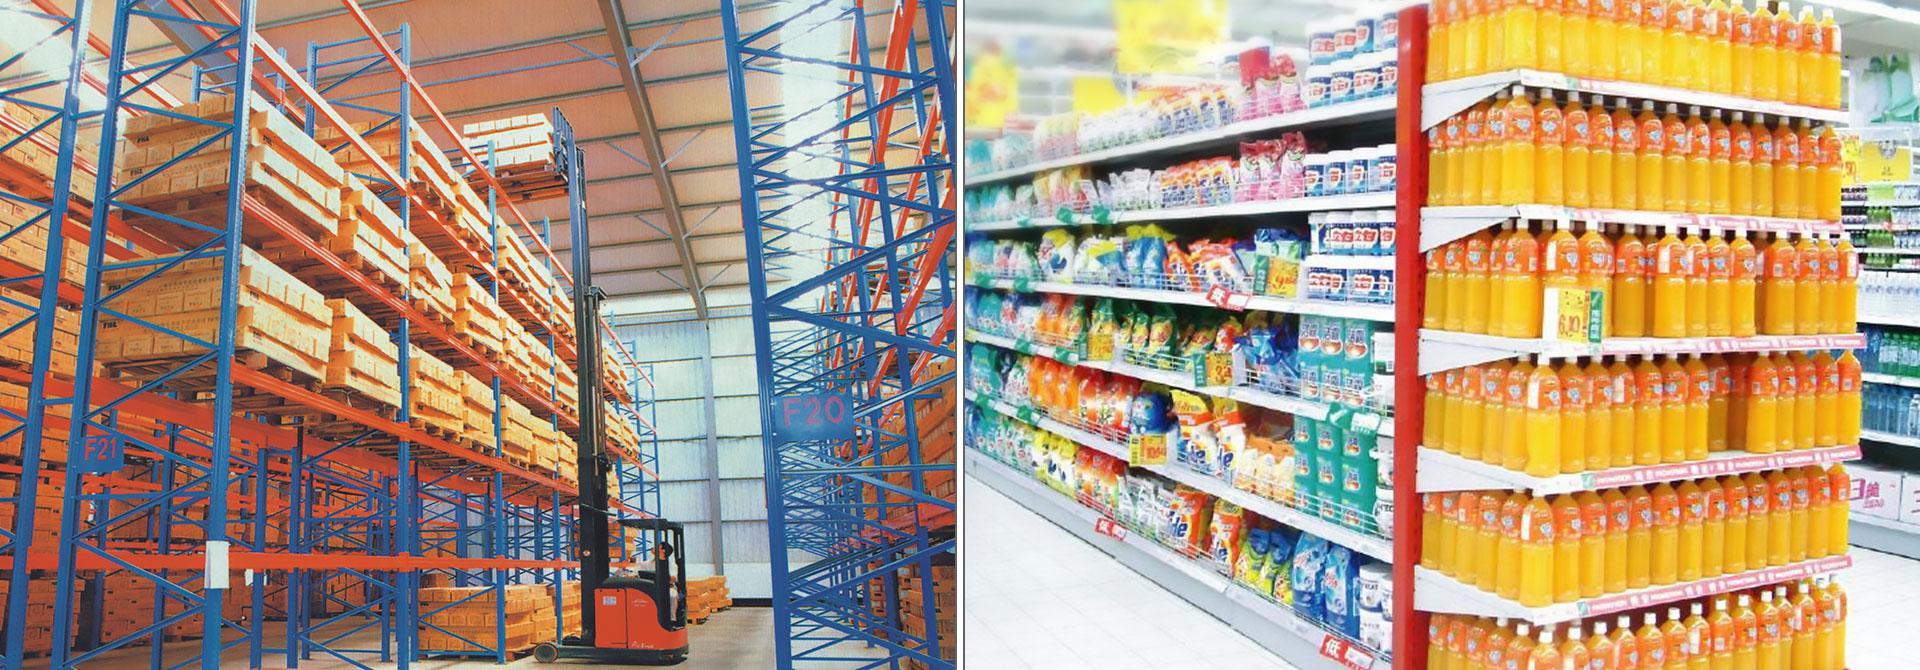 shenzhen guangzhichao shelf industry development co., ltd Main Image